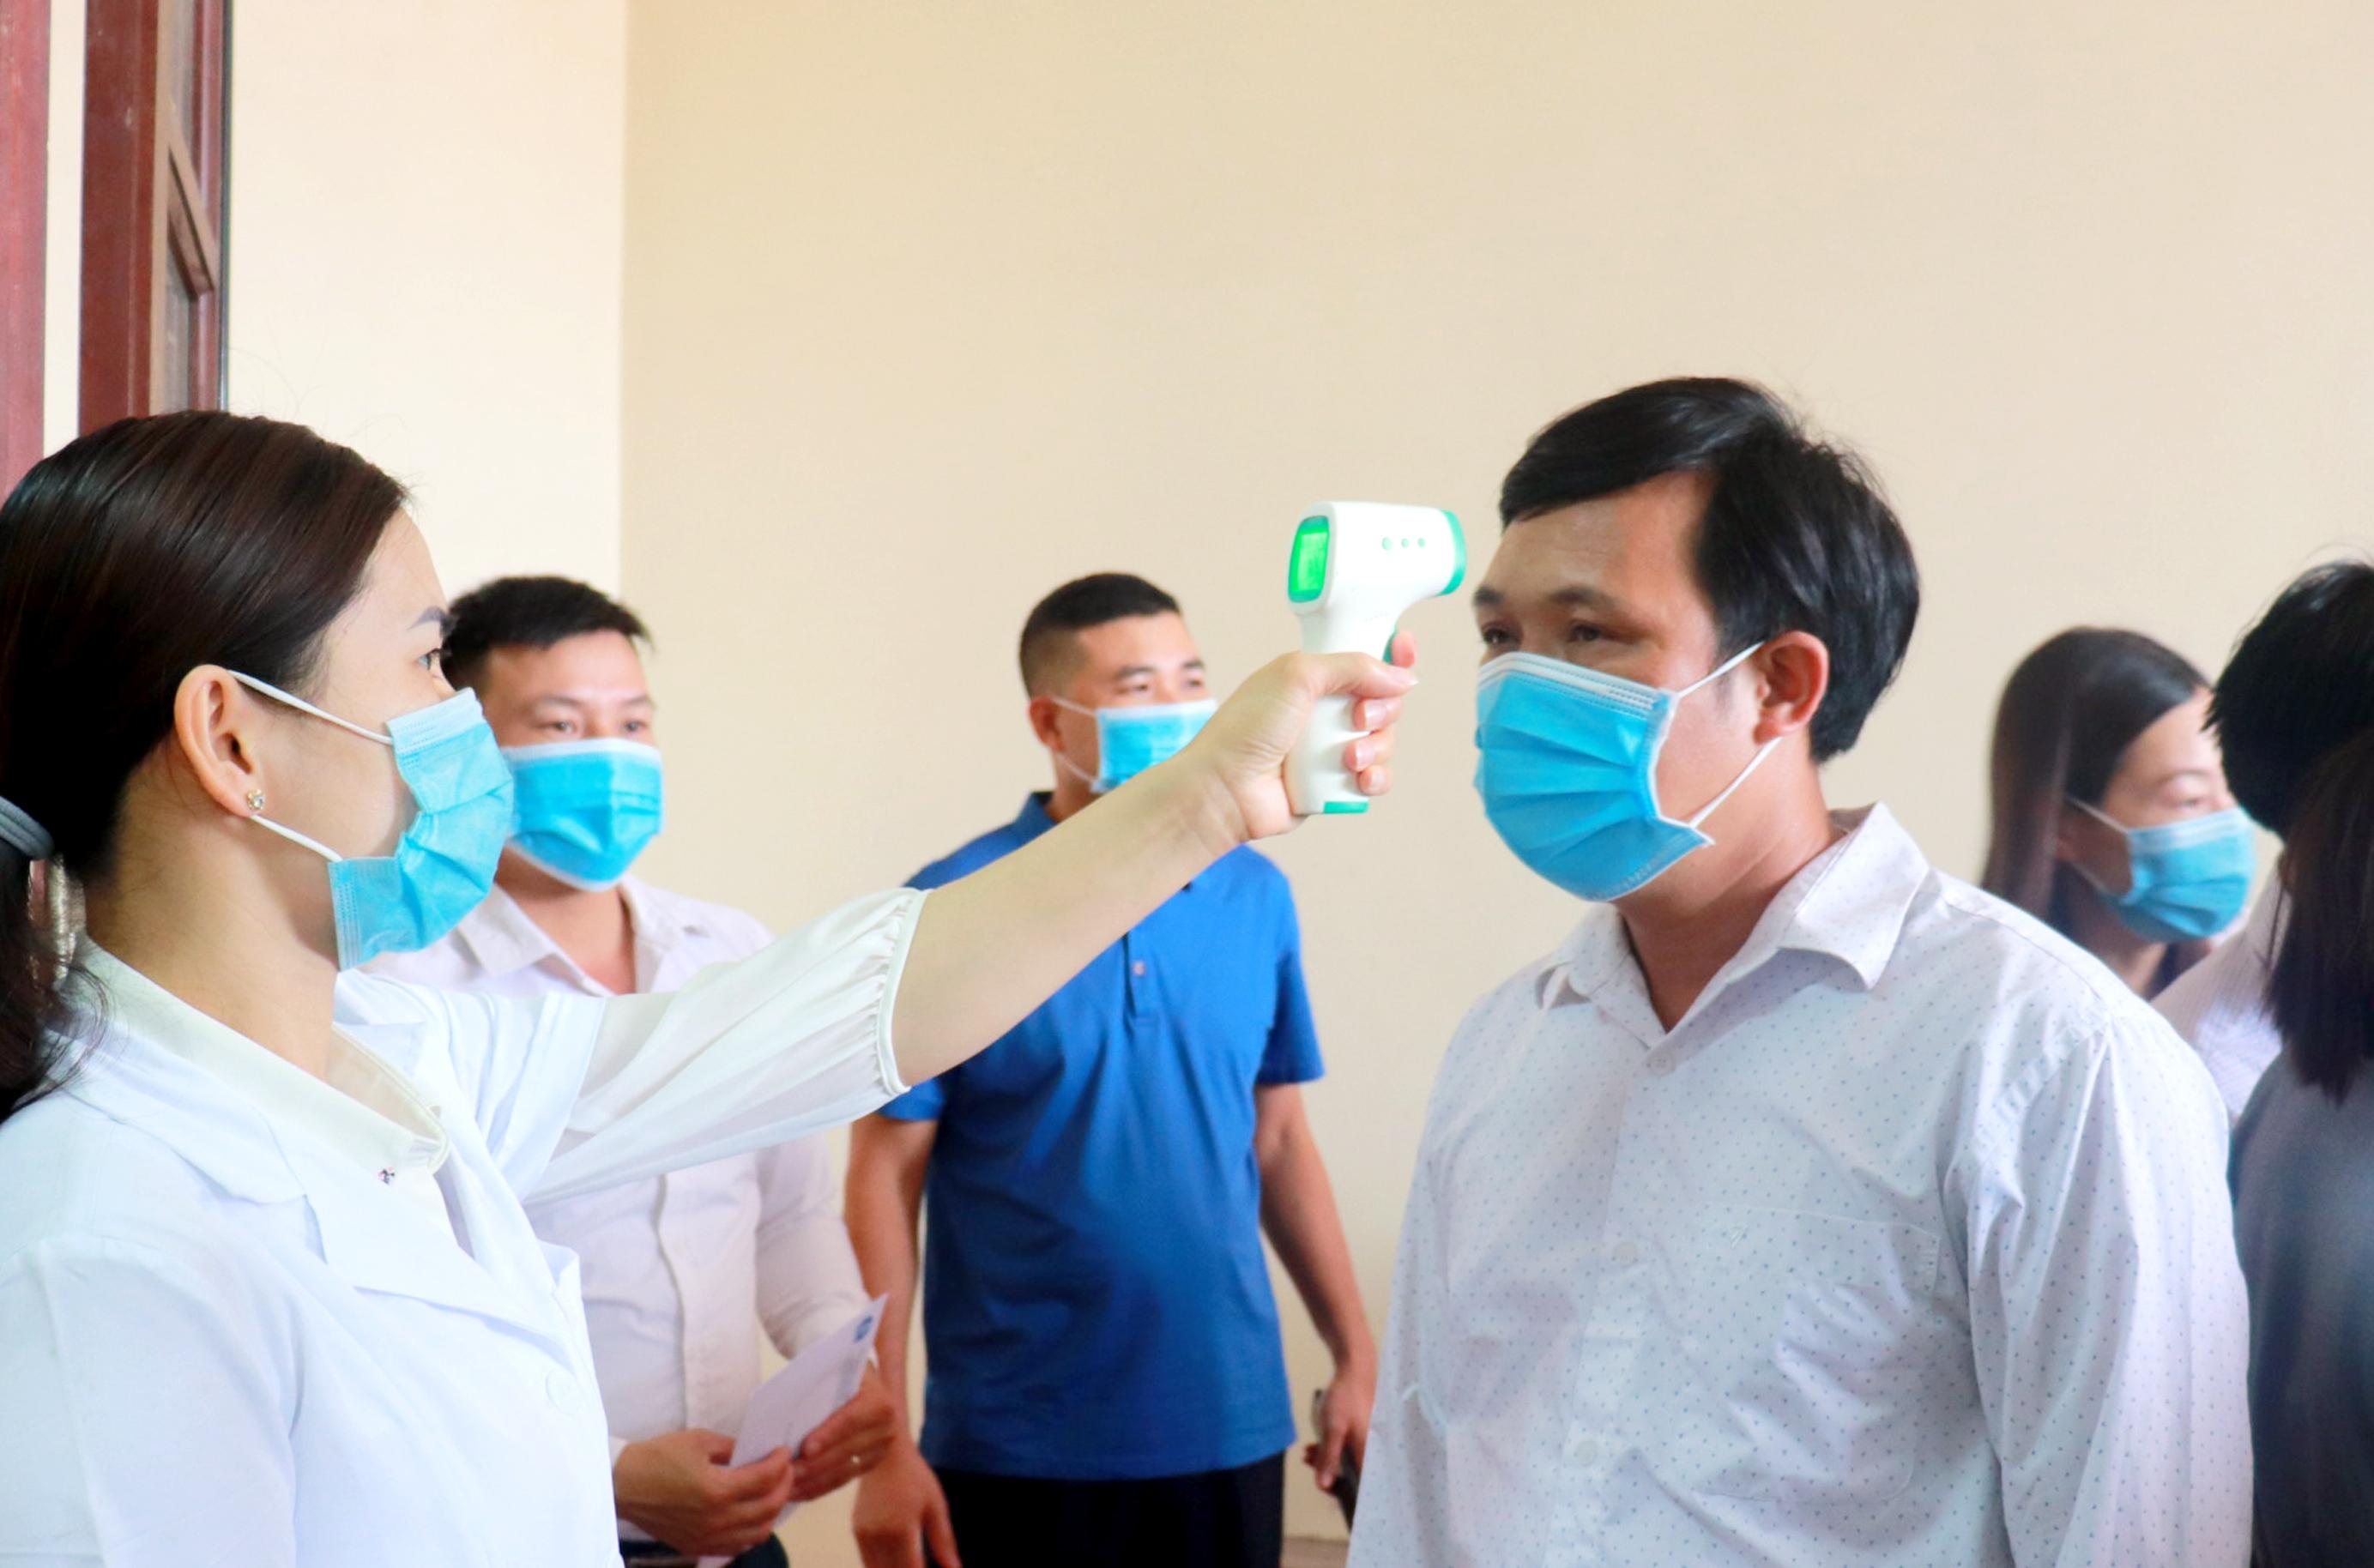 Tăng cường kiểm tra, giám sát các biện pháp phòng chống dịch bệnh tại nơi làm việc